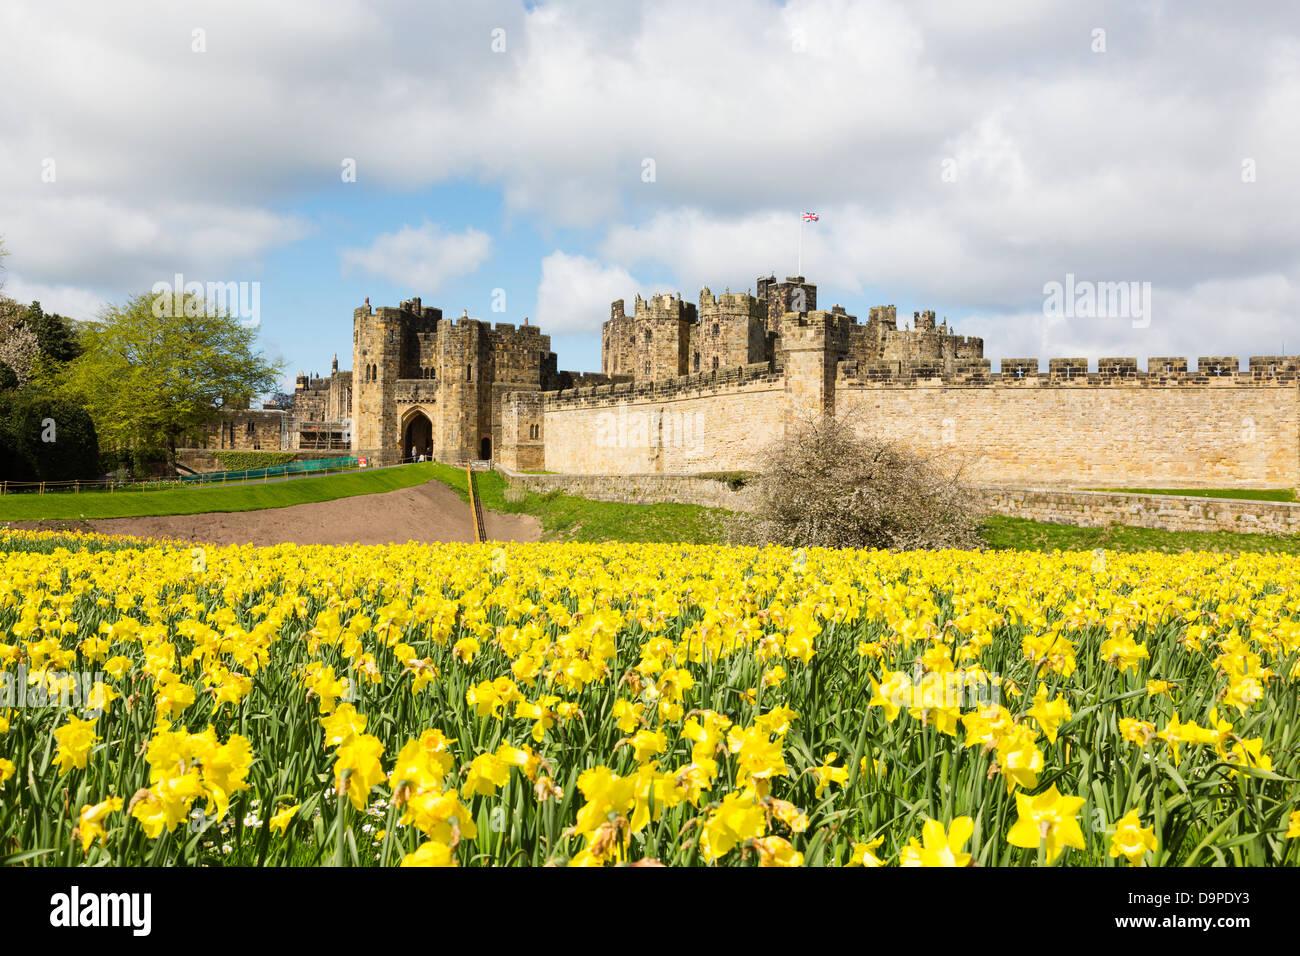 Alnwick Castle, Northumberland - Stock Image